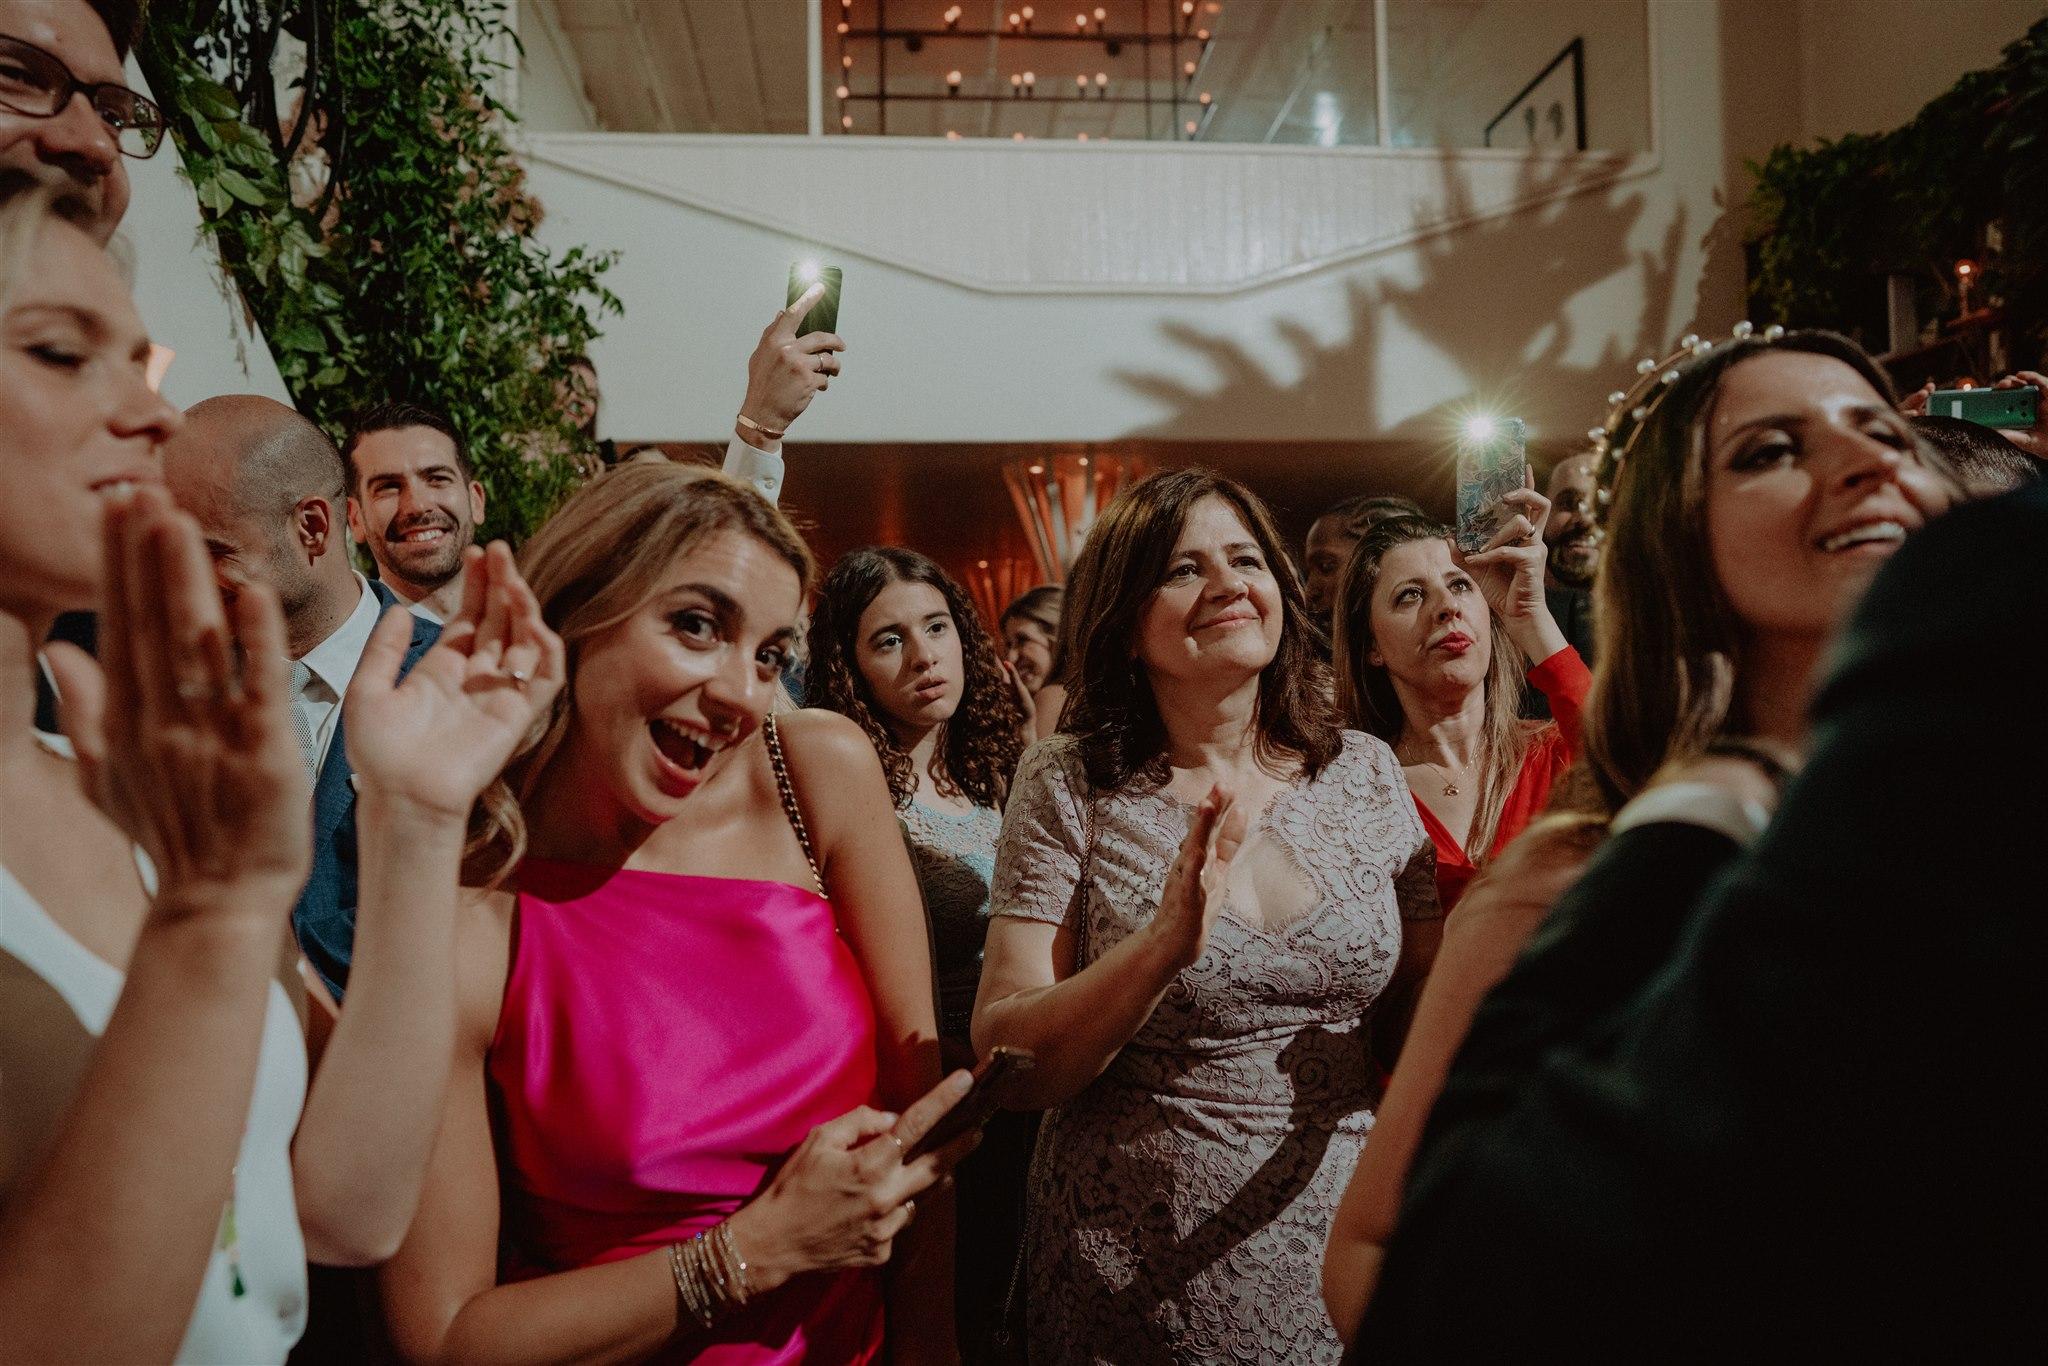 Chellise_Michael_Photography_Ramona_Brooklyn_Wedding_Photographer-597.jpg